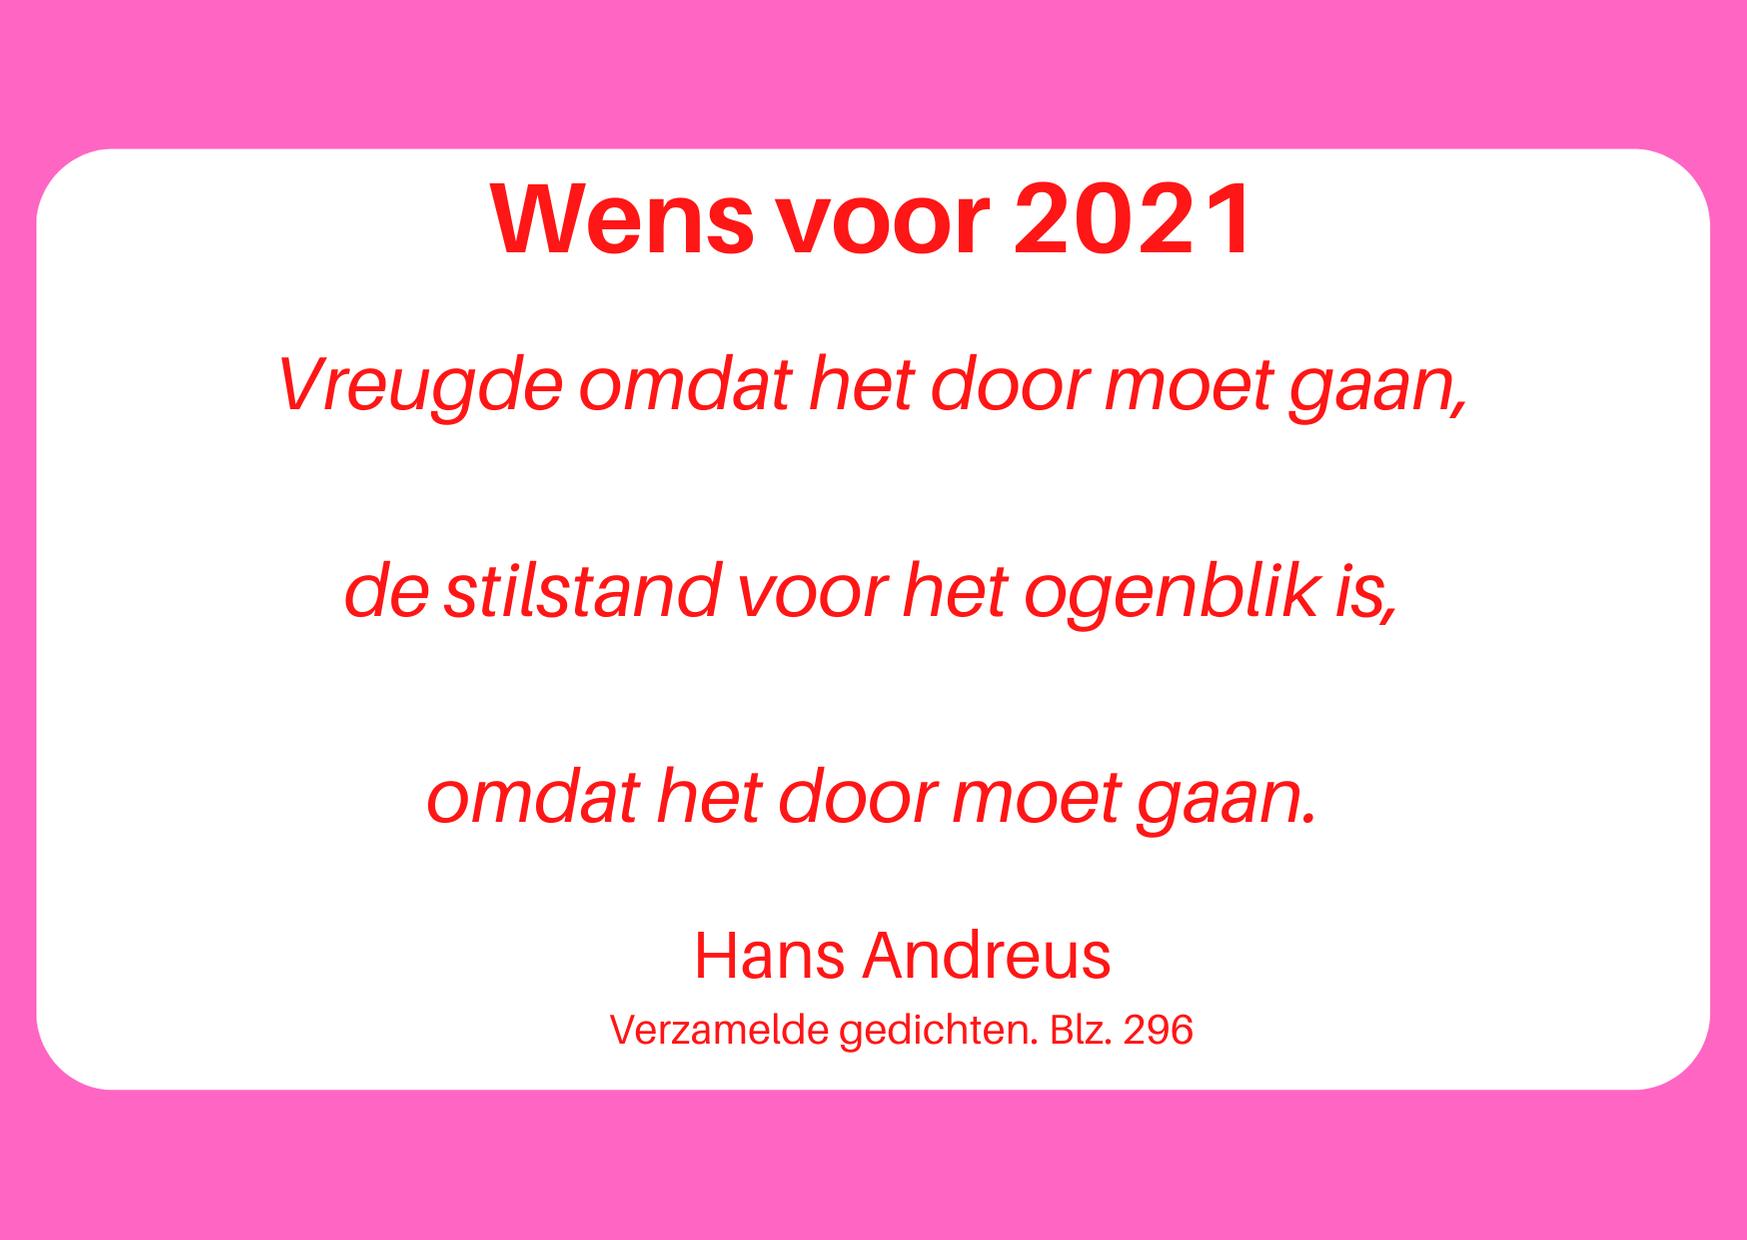 Wens voor 2021 rood wit